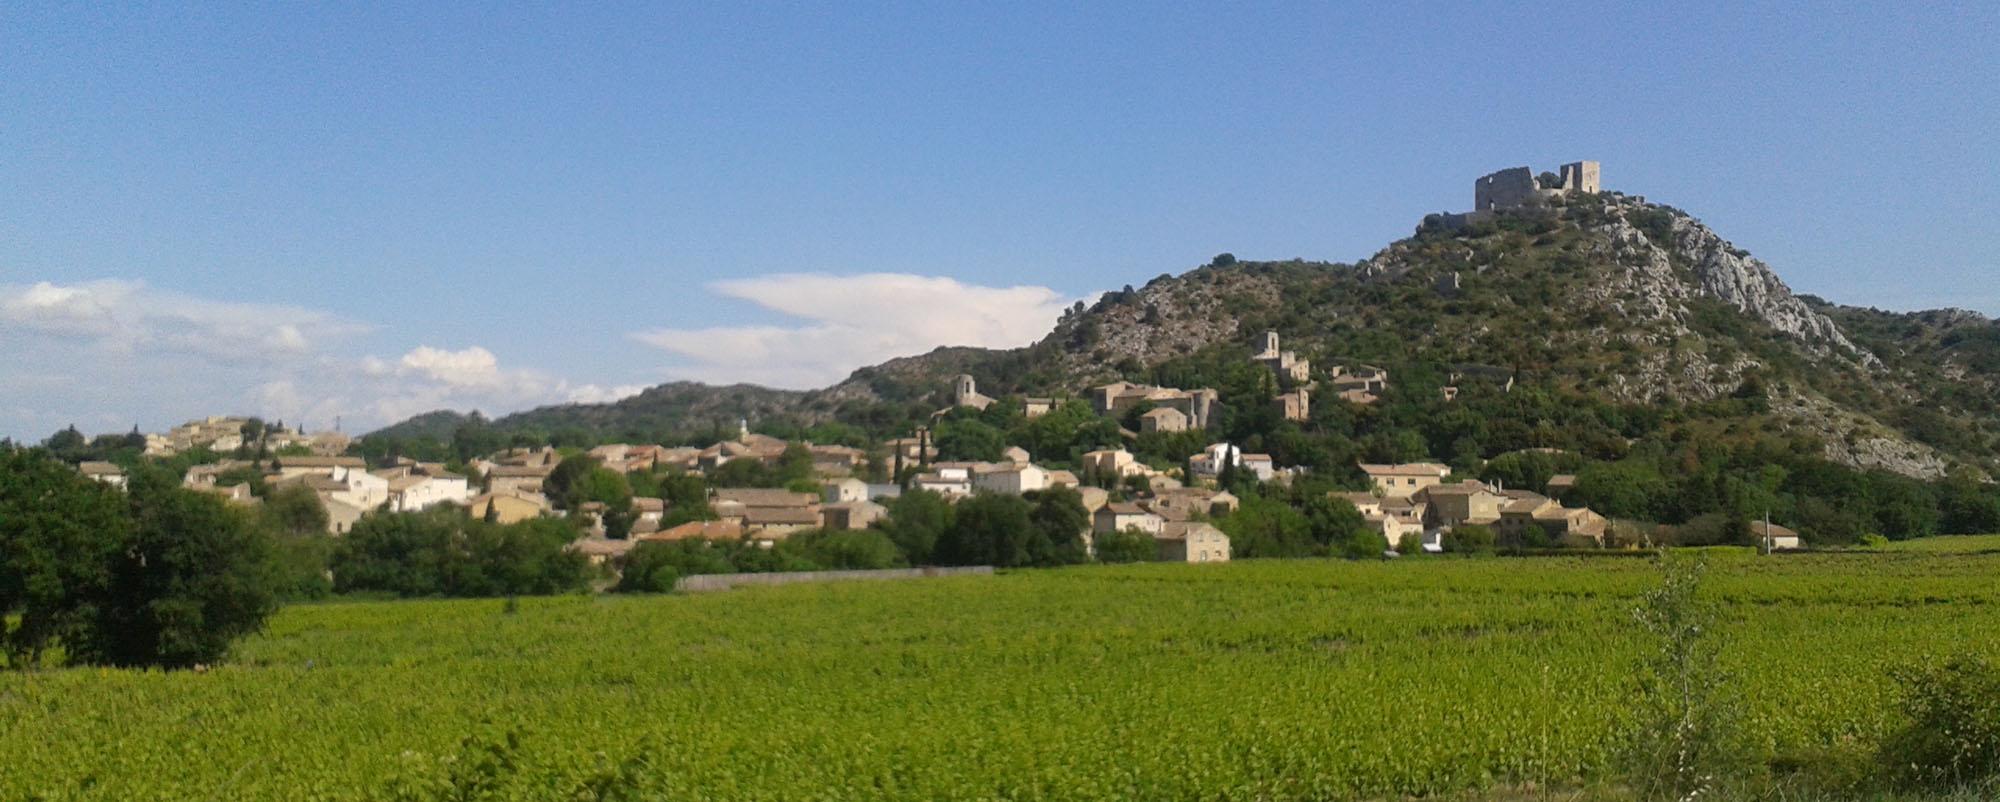 Le village de Saint Victor la Coste entre vignes et collines